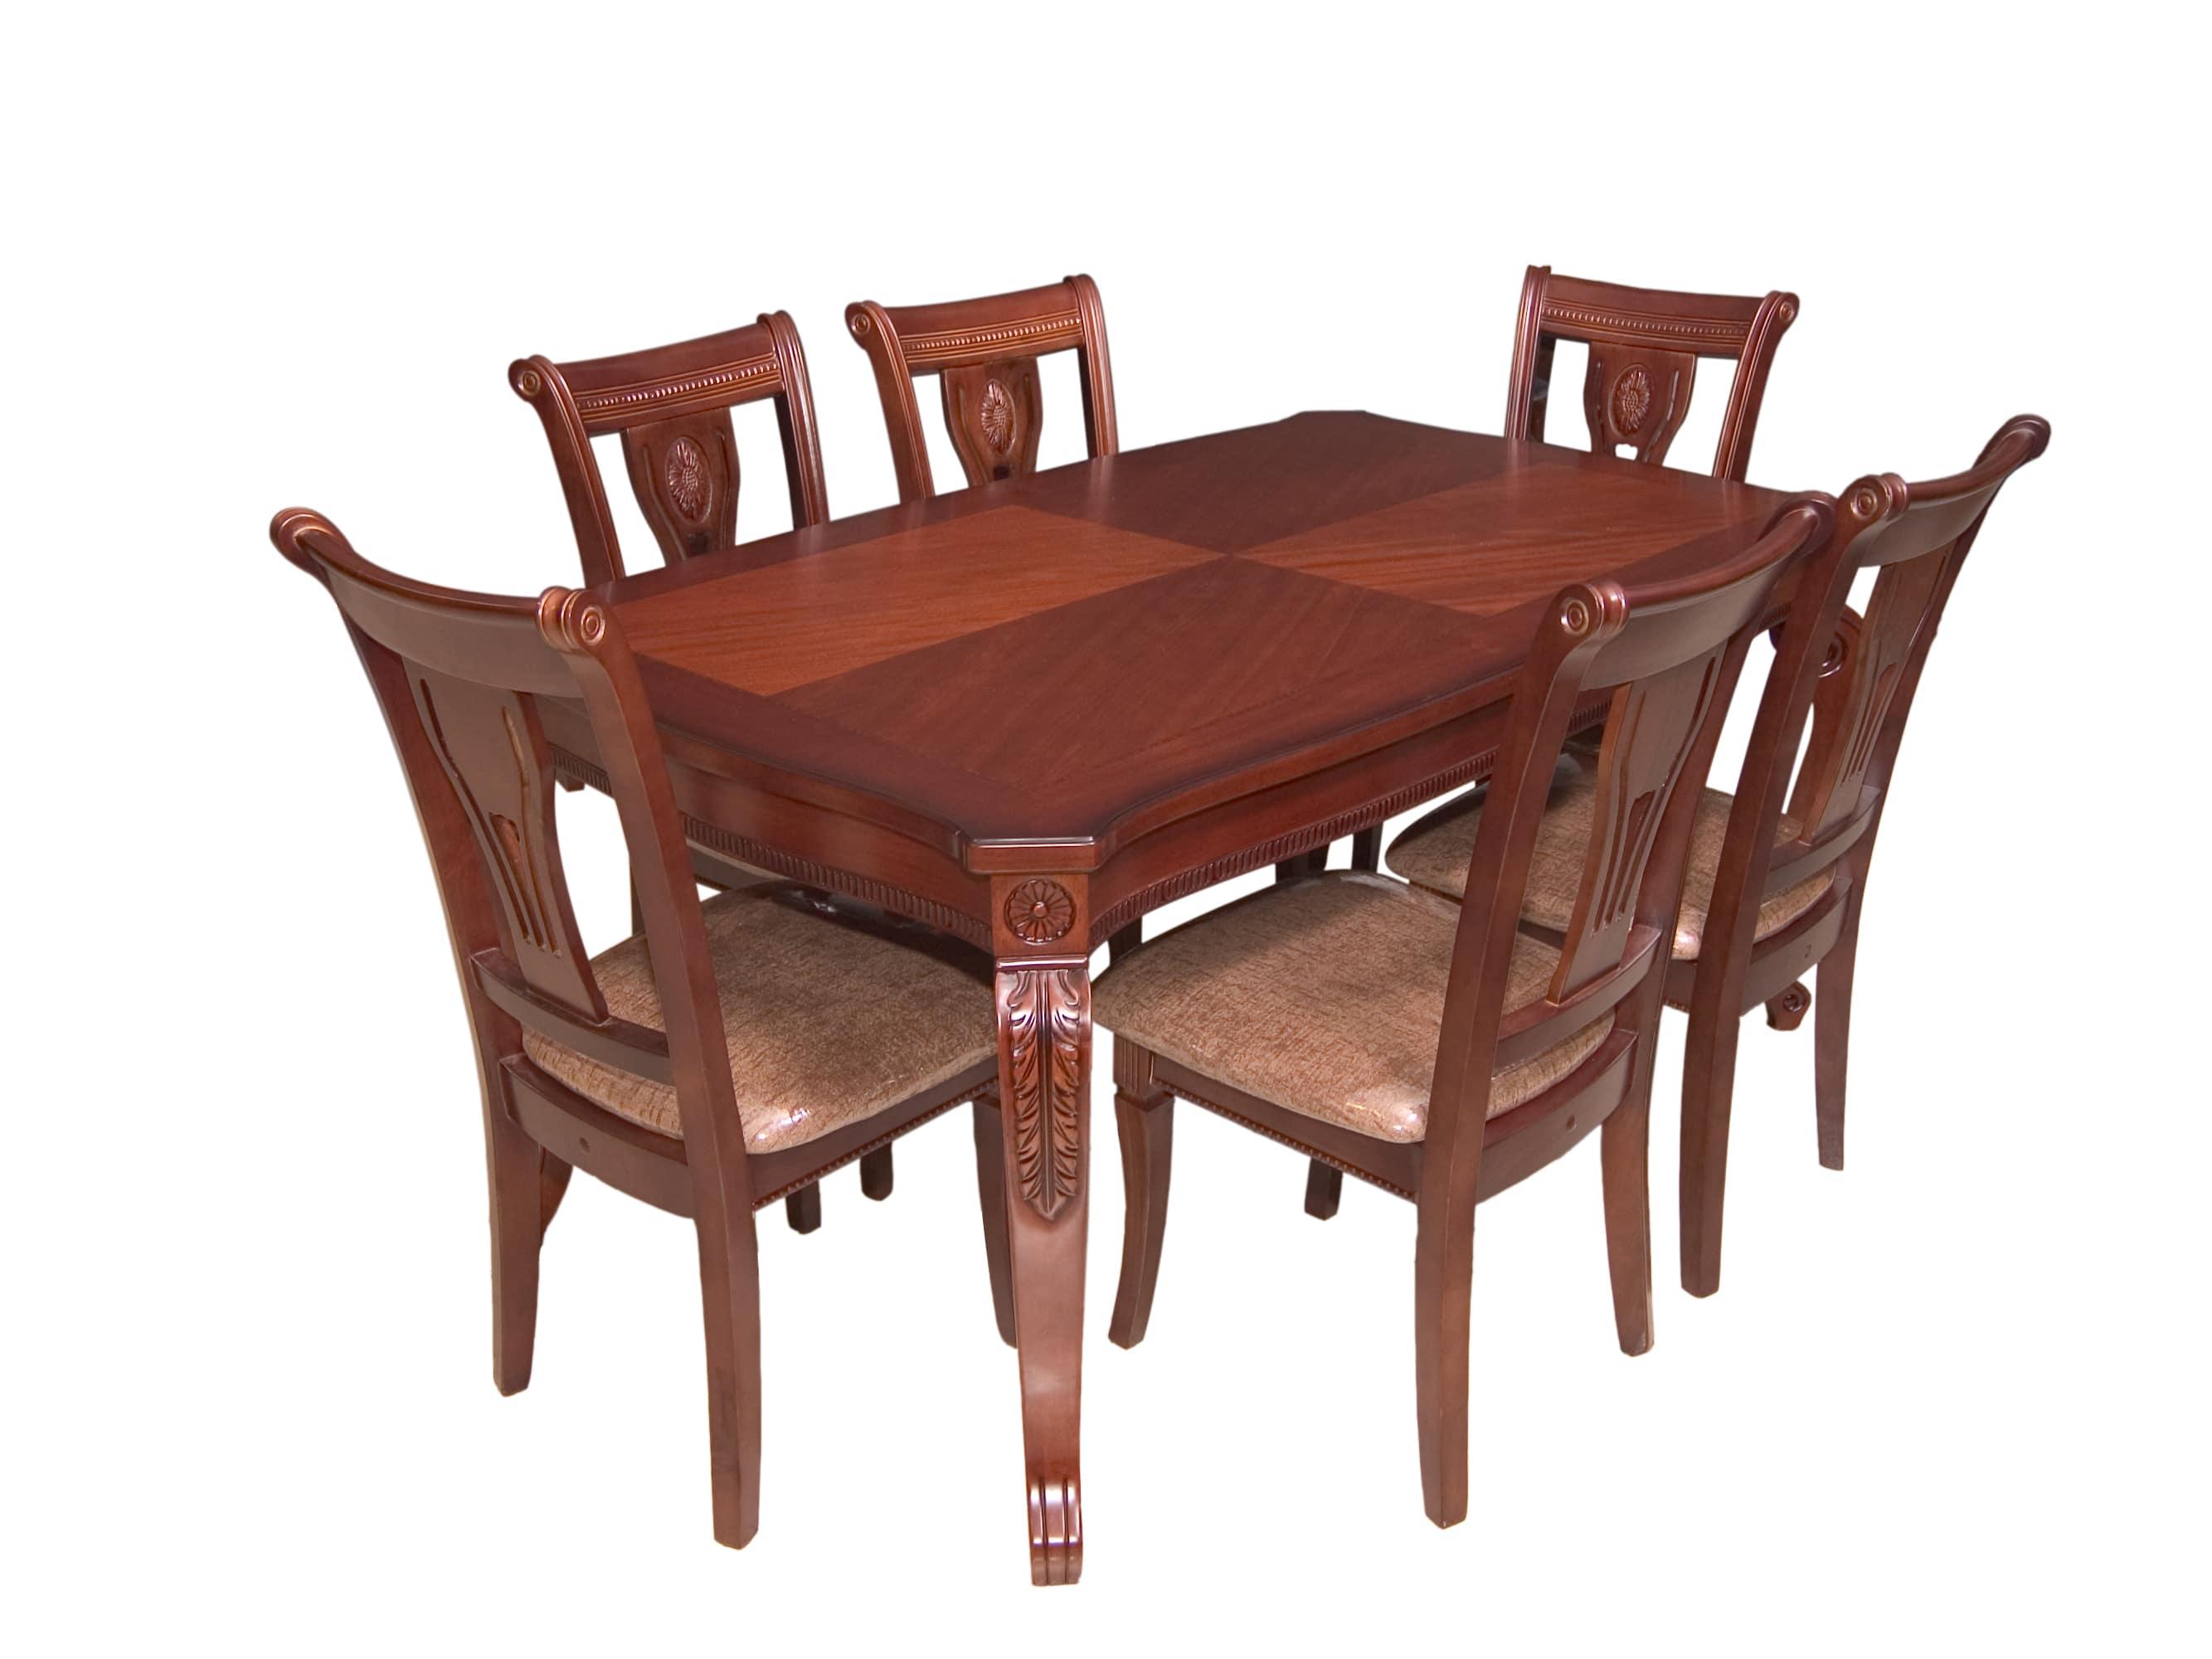 Sarasota Dining Set Disposal Options